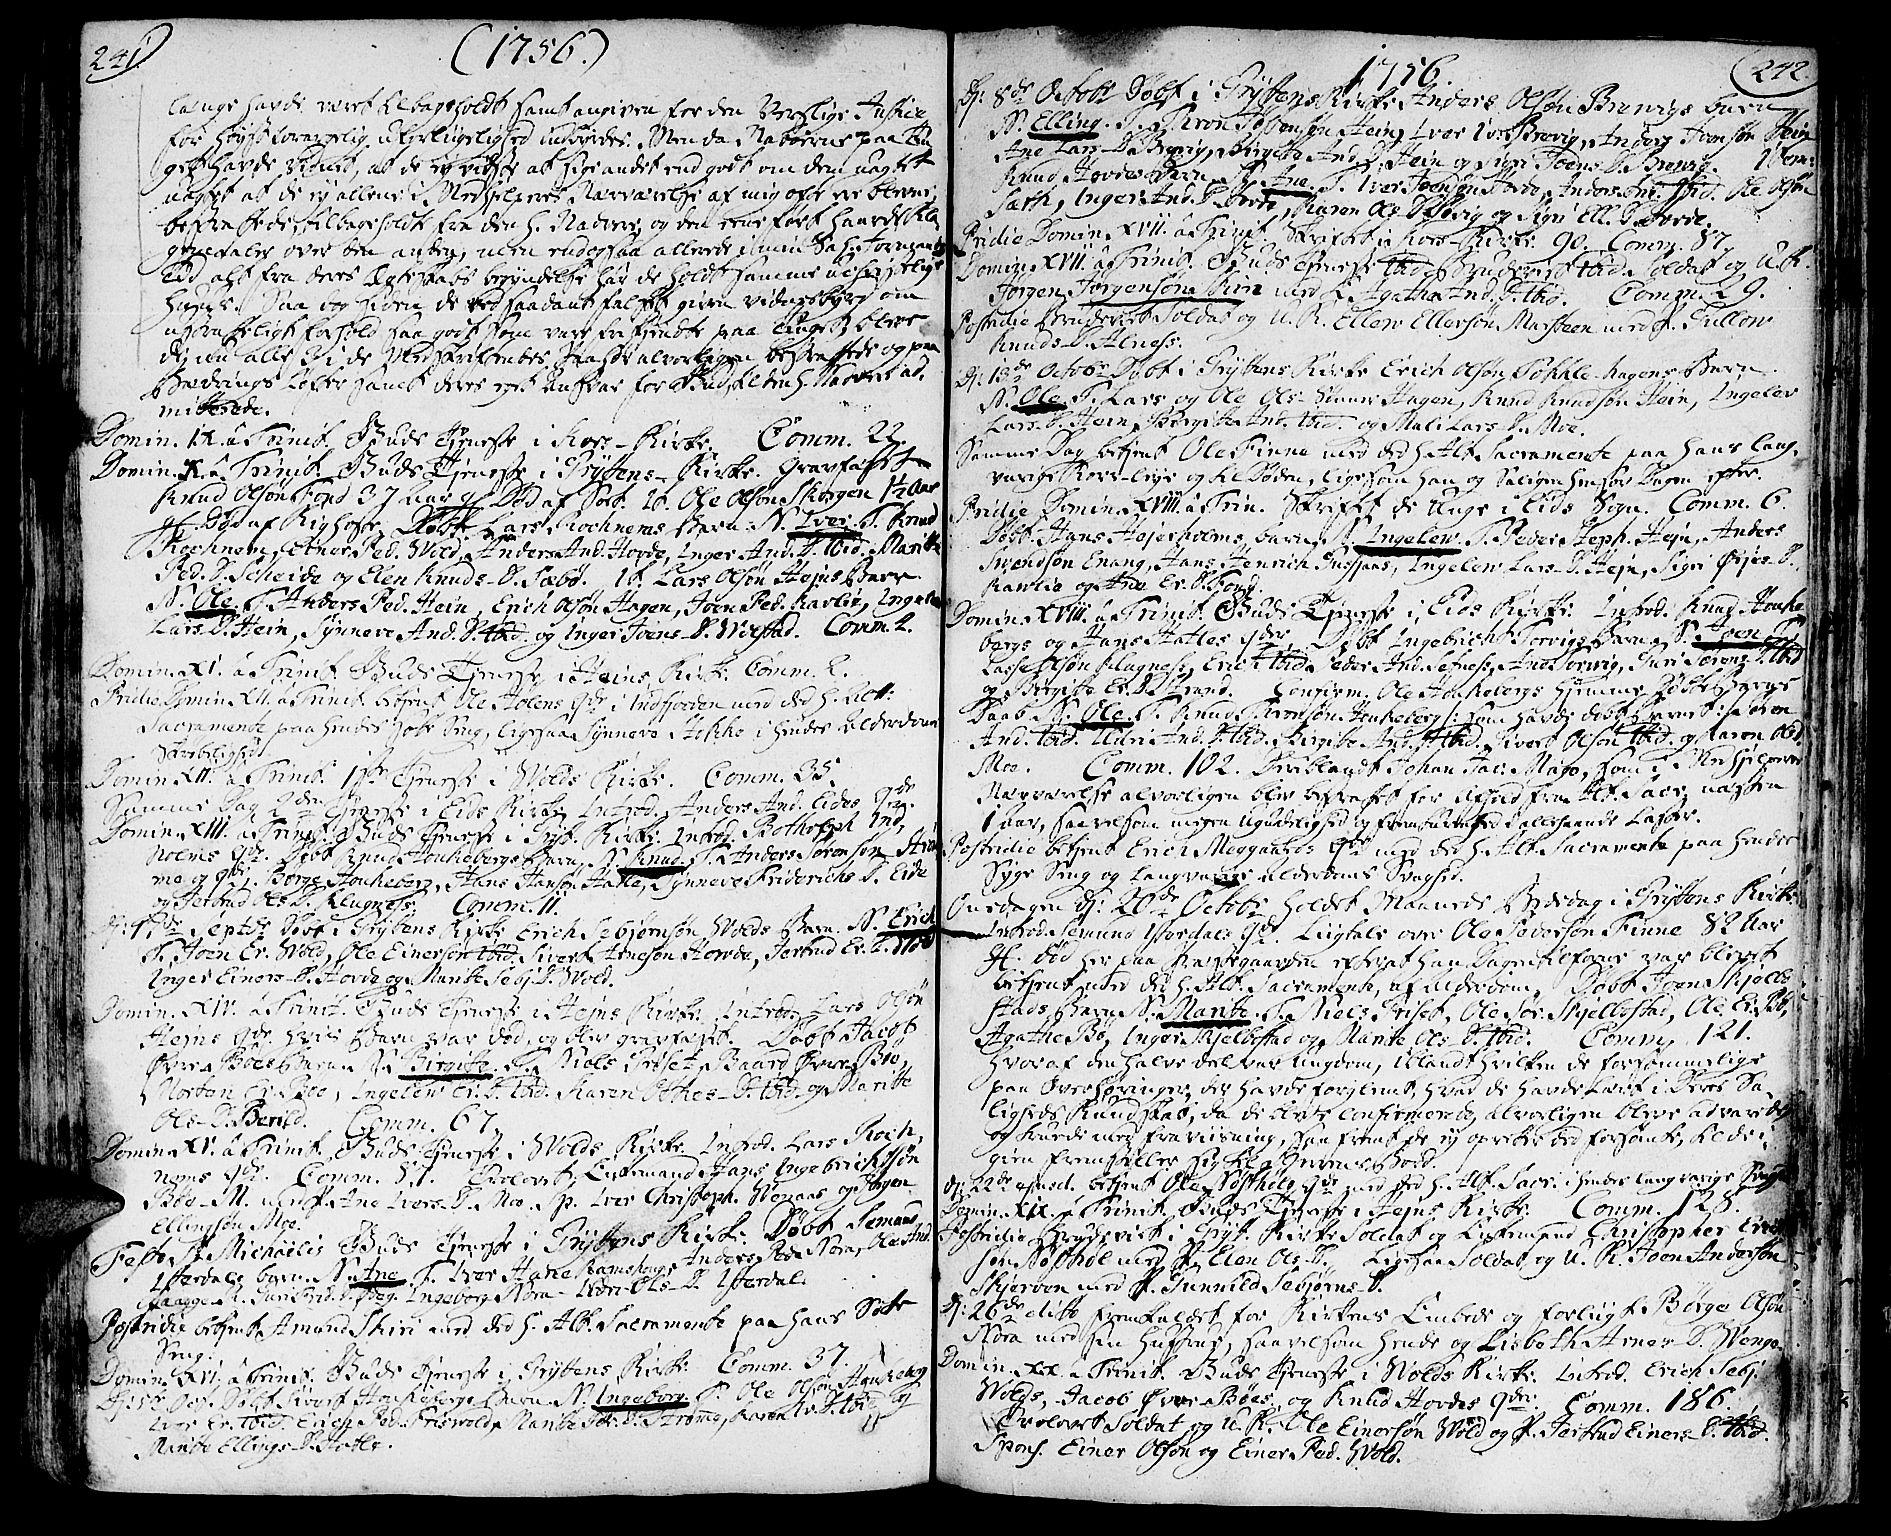 SAT, Ministerialprotokoller, klokkerbøker og fødselsregistre - Møre og Romsdal, 544/L0568: Ministerialbok nr. 544A01, 1725-1763, s. 241-242